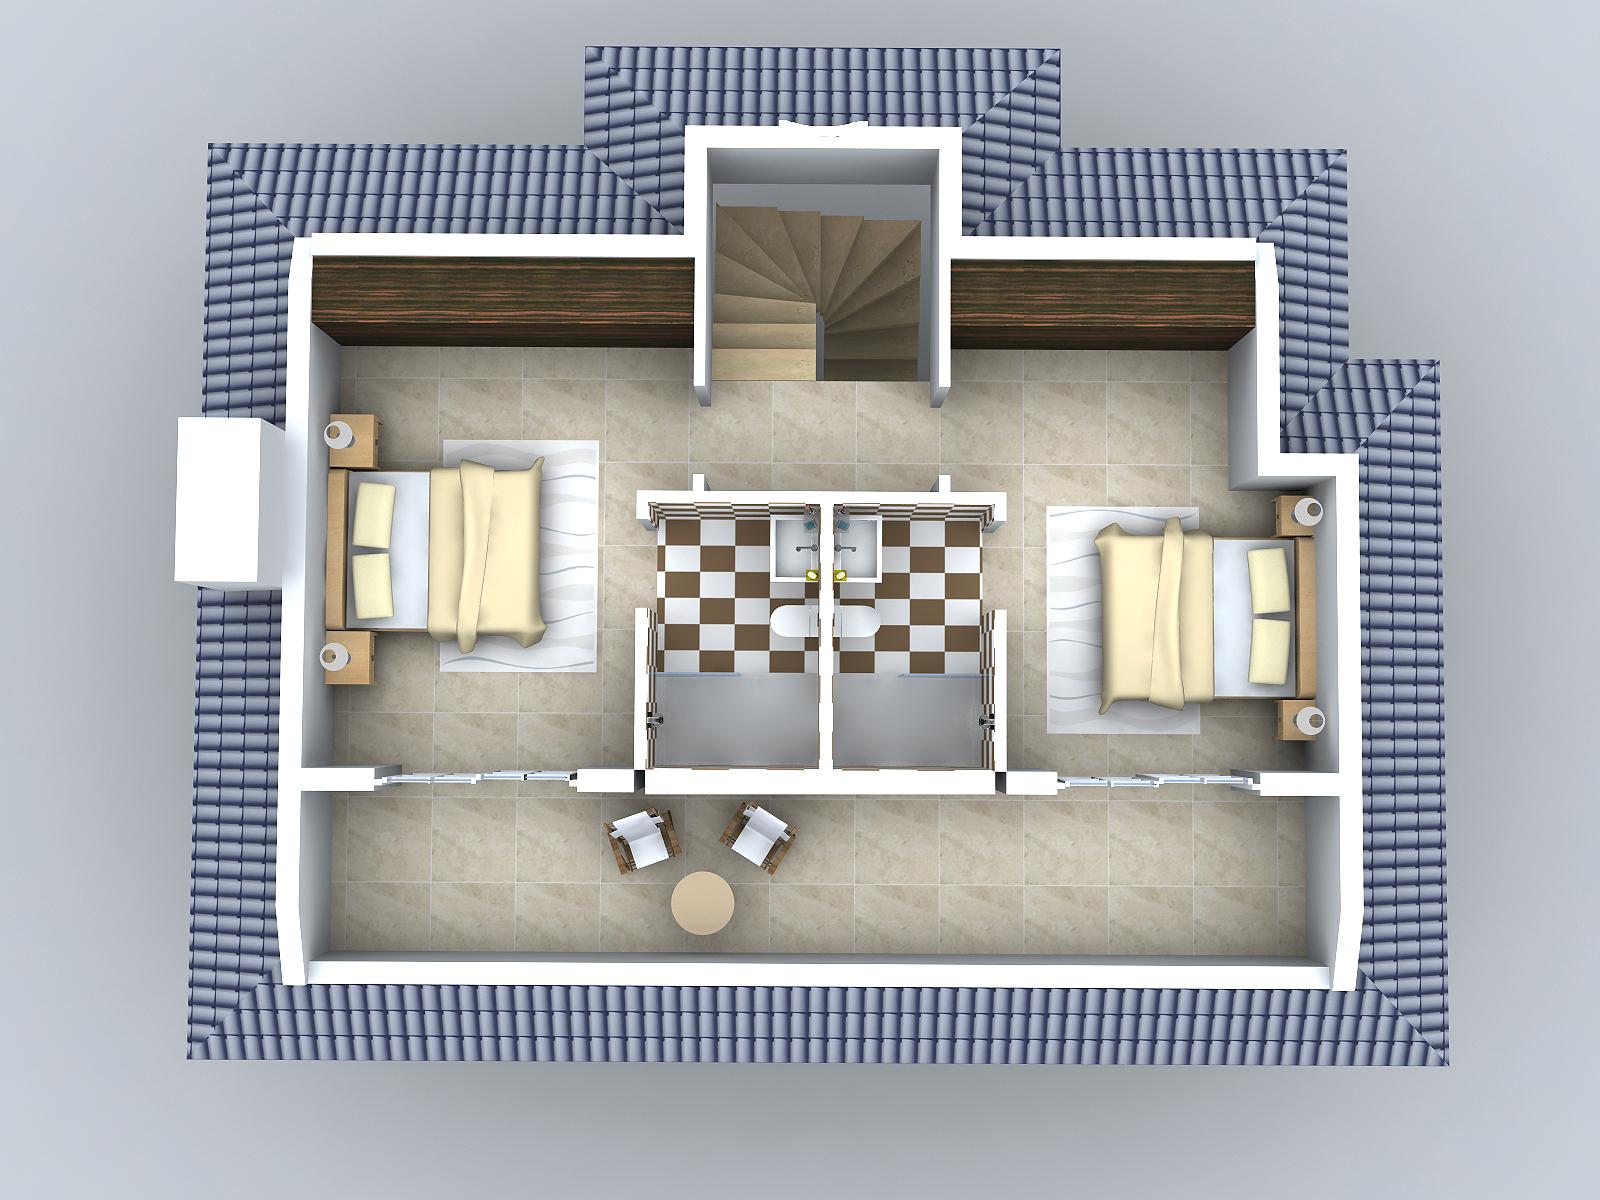 12. Attic Floor Plan